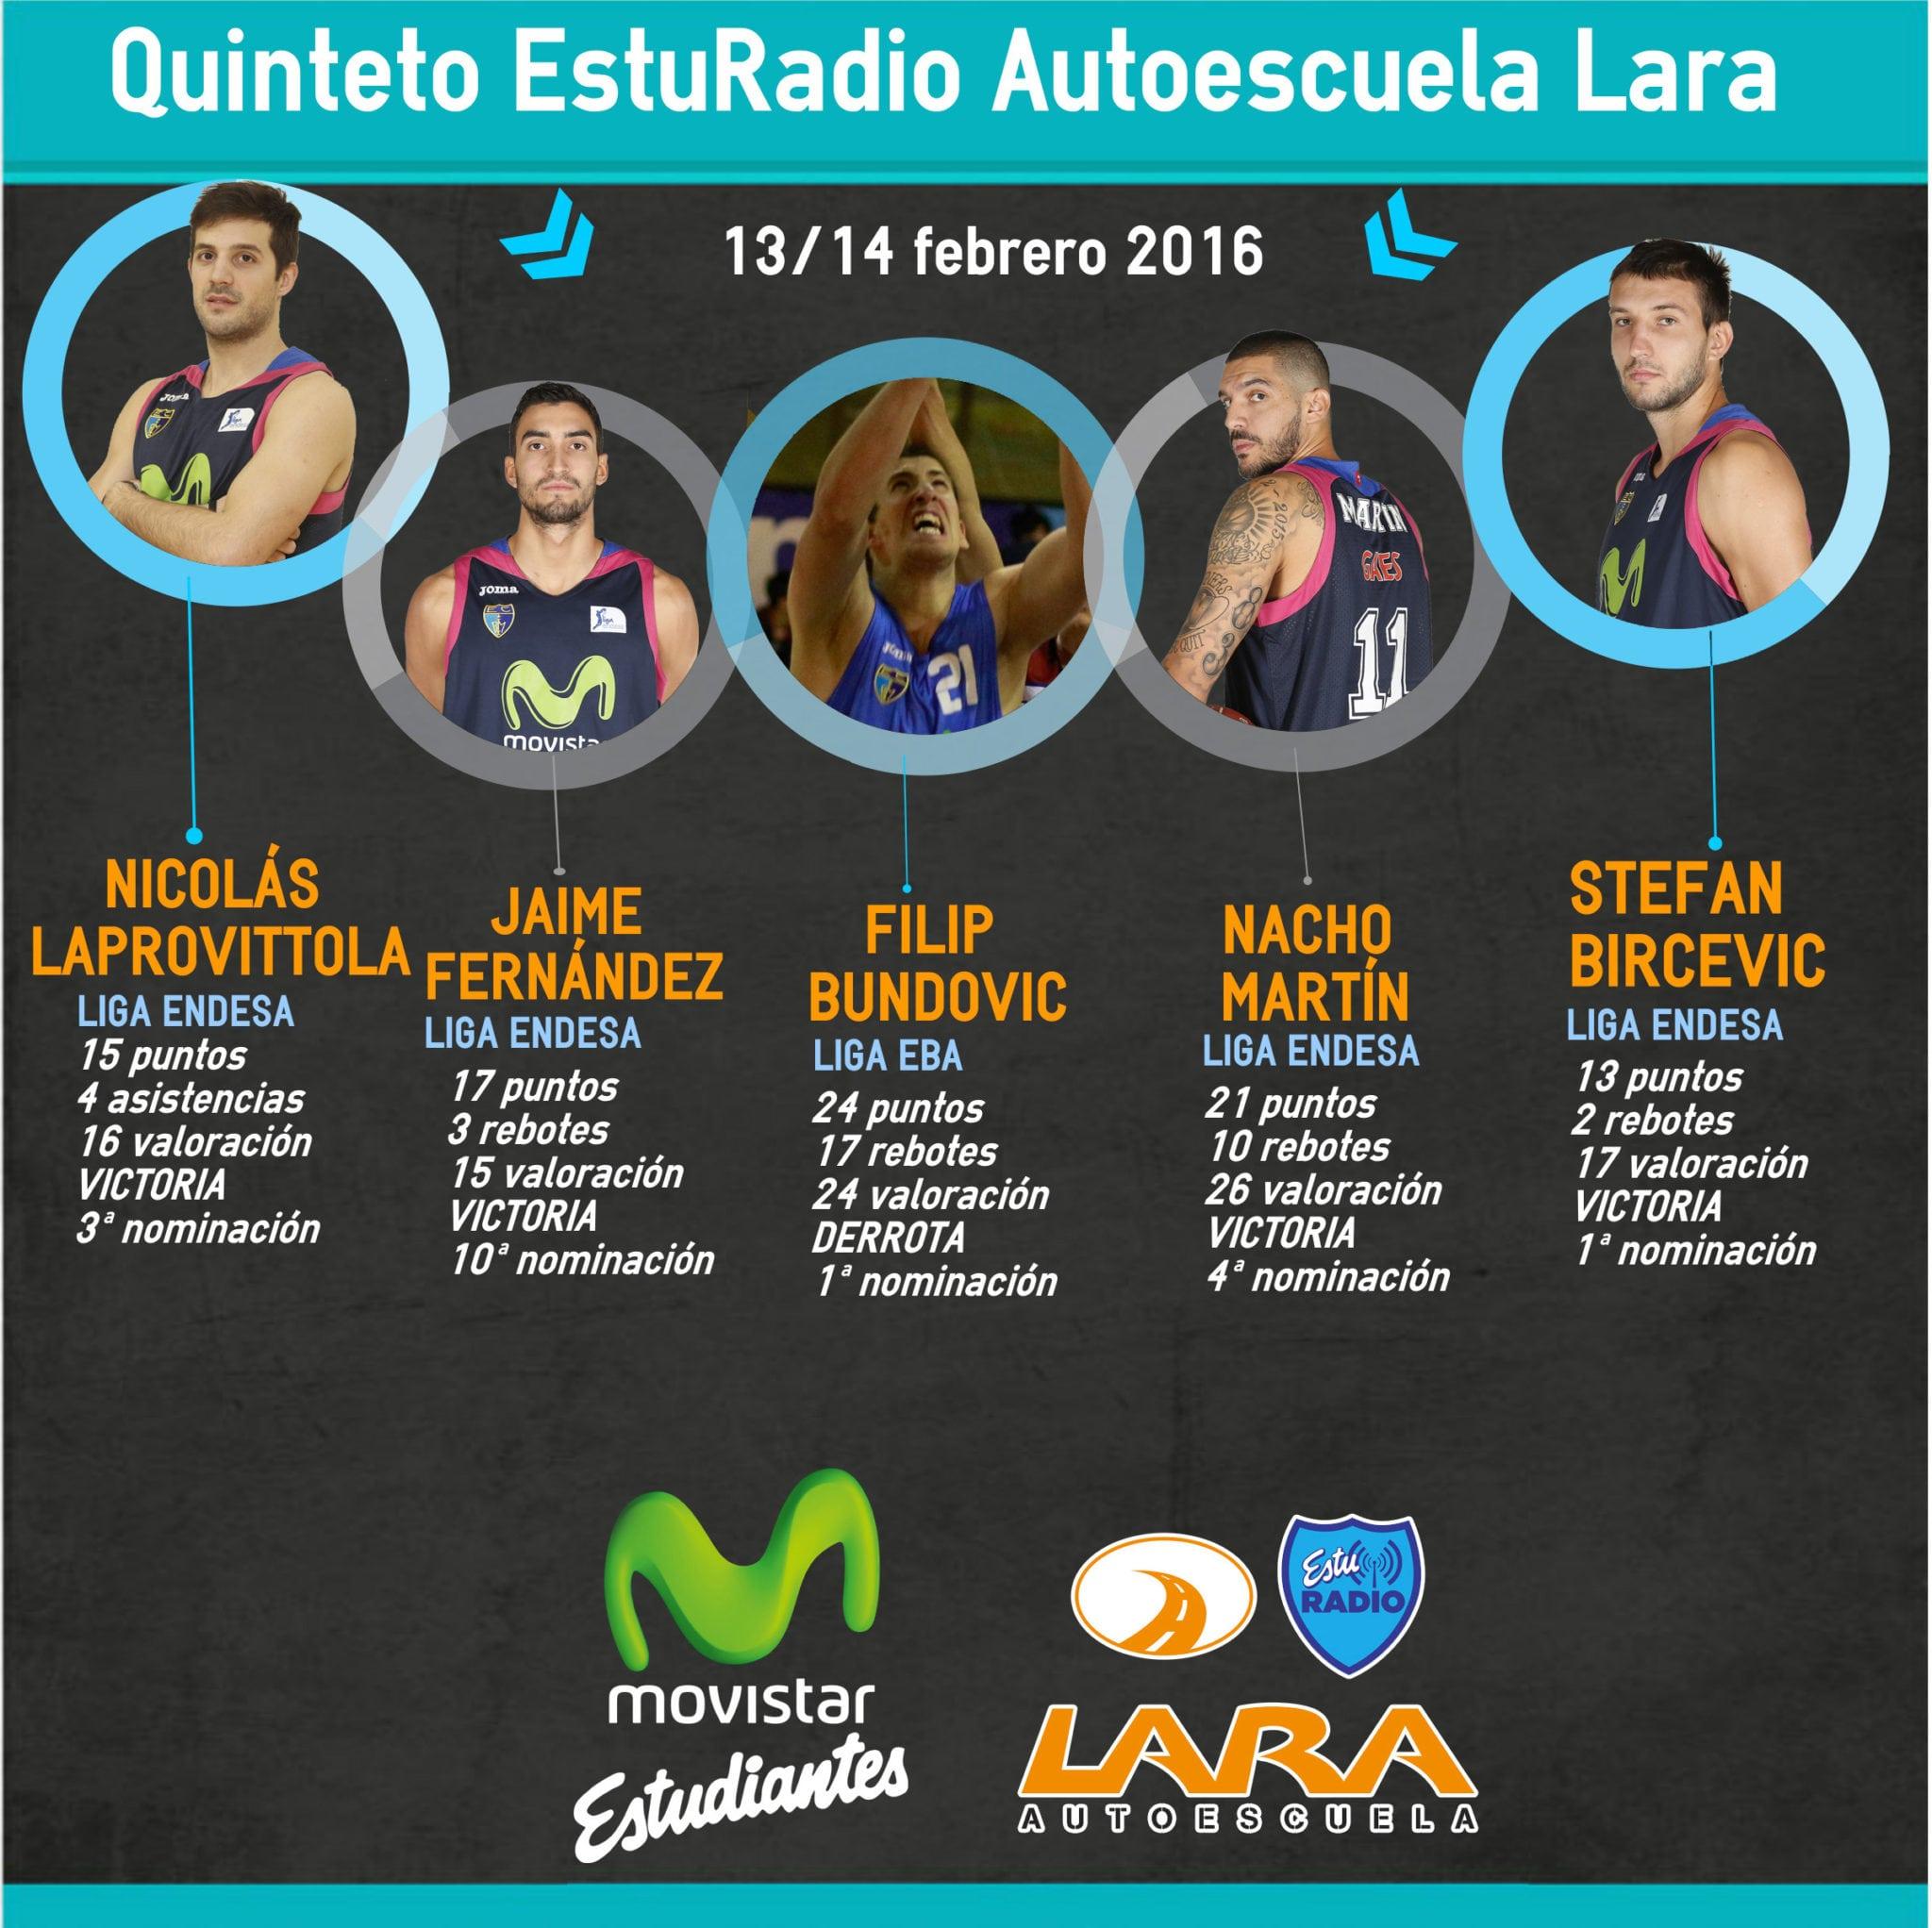 Quinteto EstuRadio: Laprovittola, Fernández, Bundovic, Martín y Bircevic